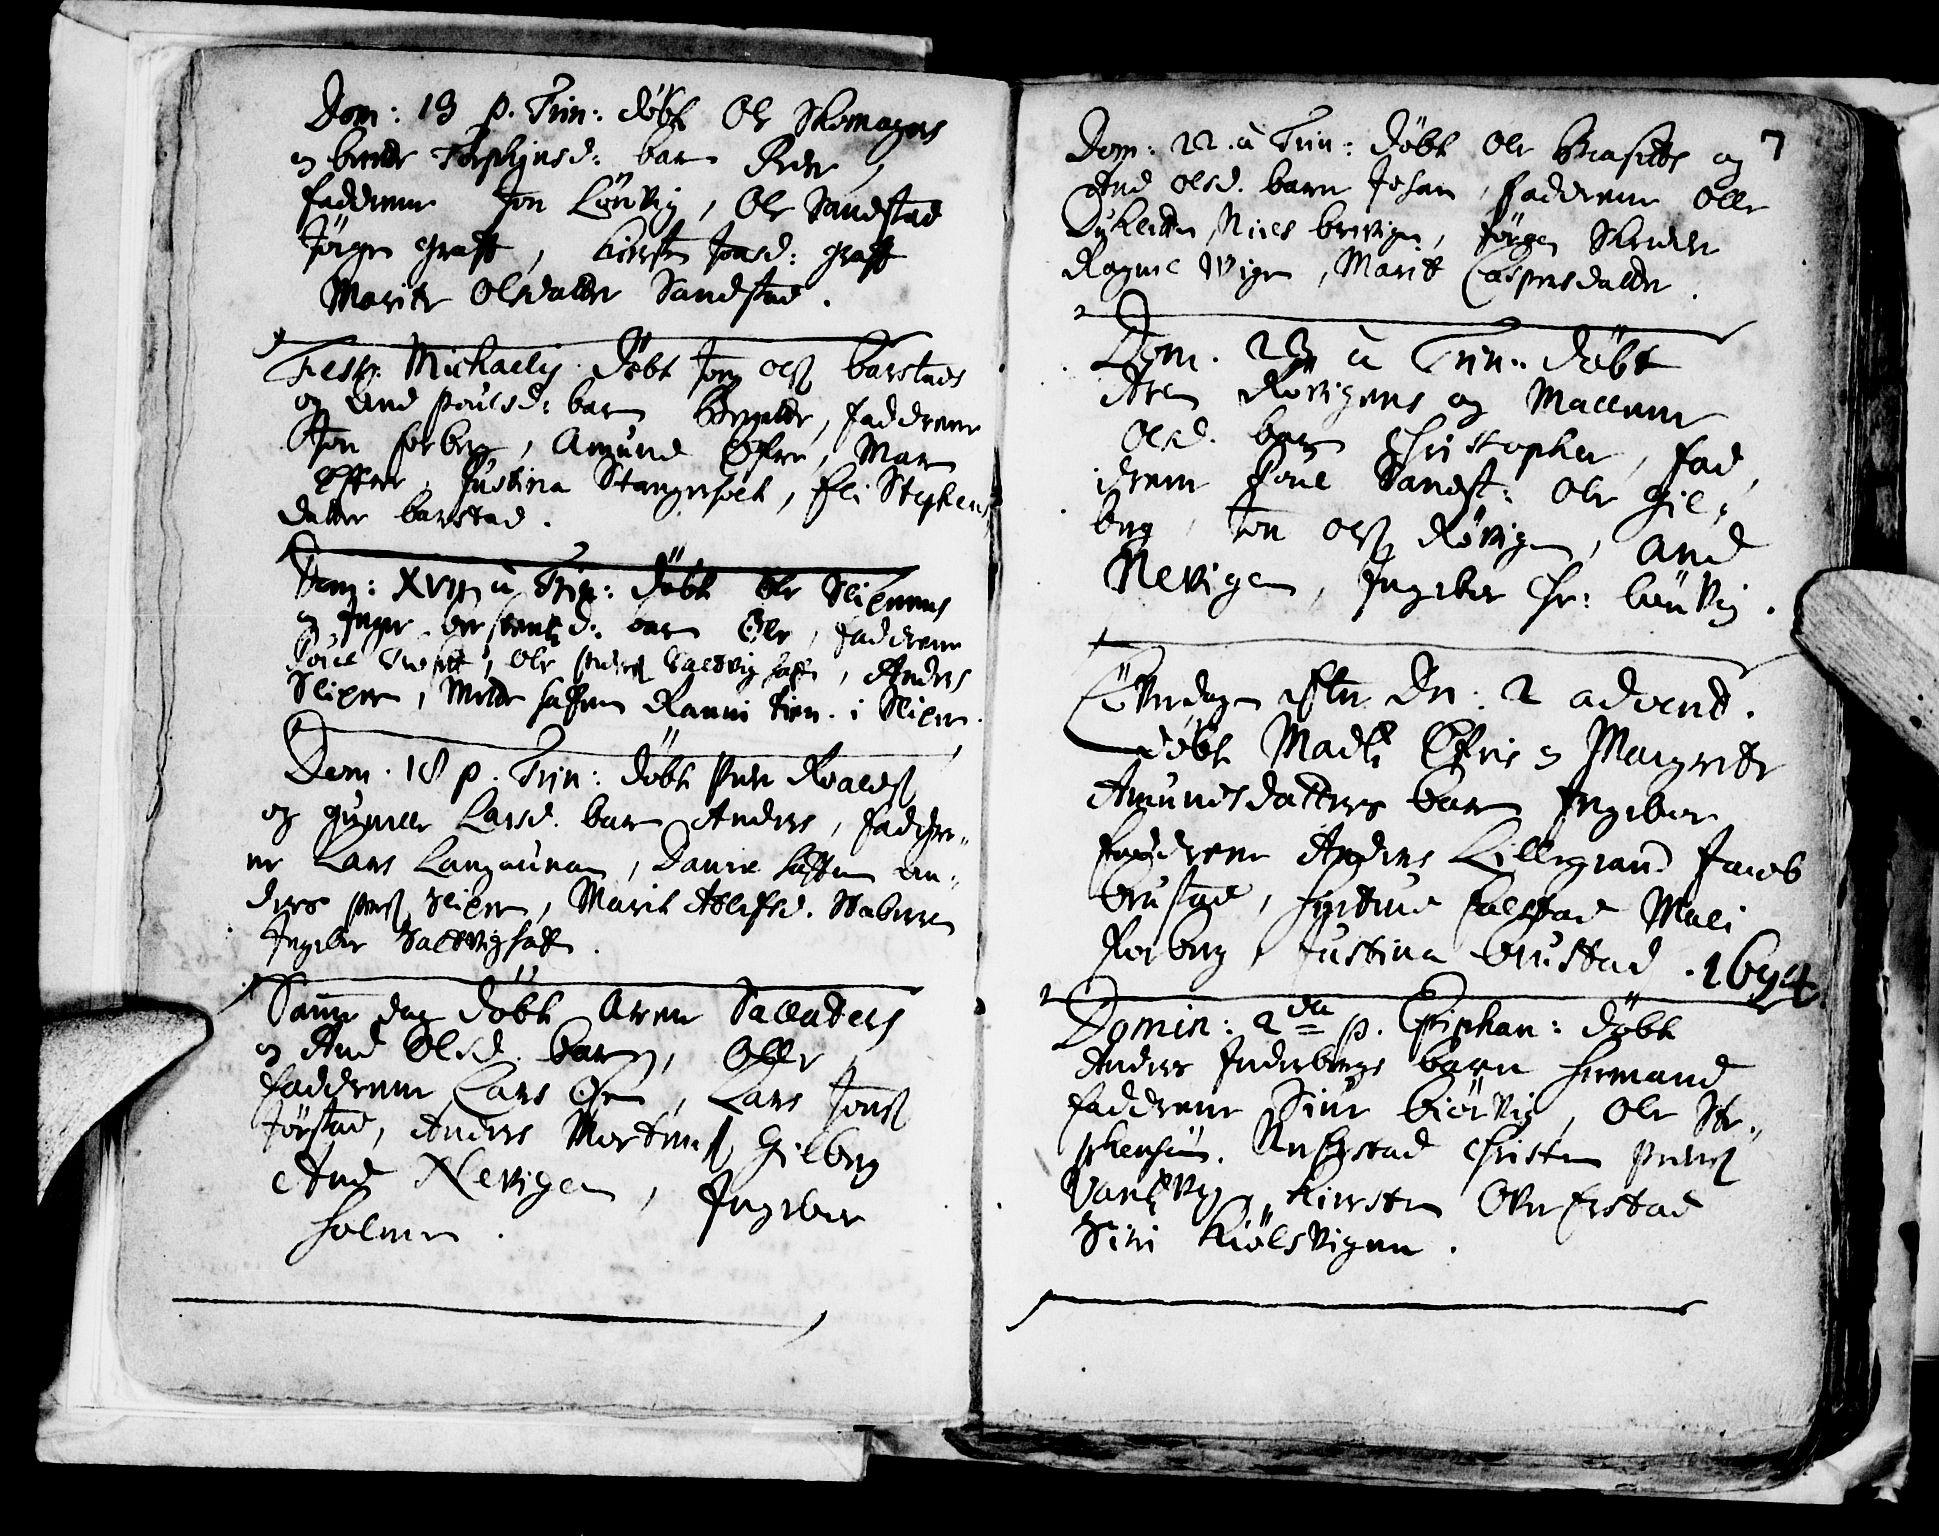 SAT, Ministerialprotokoller, klokkerbøker og fødselsregistre - Nord-Trøndelag, 722/L0214: Ministerialbok nr. 722A01, 1692-1718, s. 7